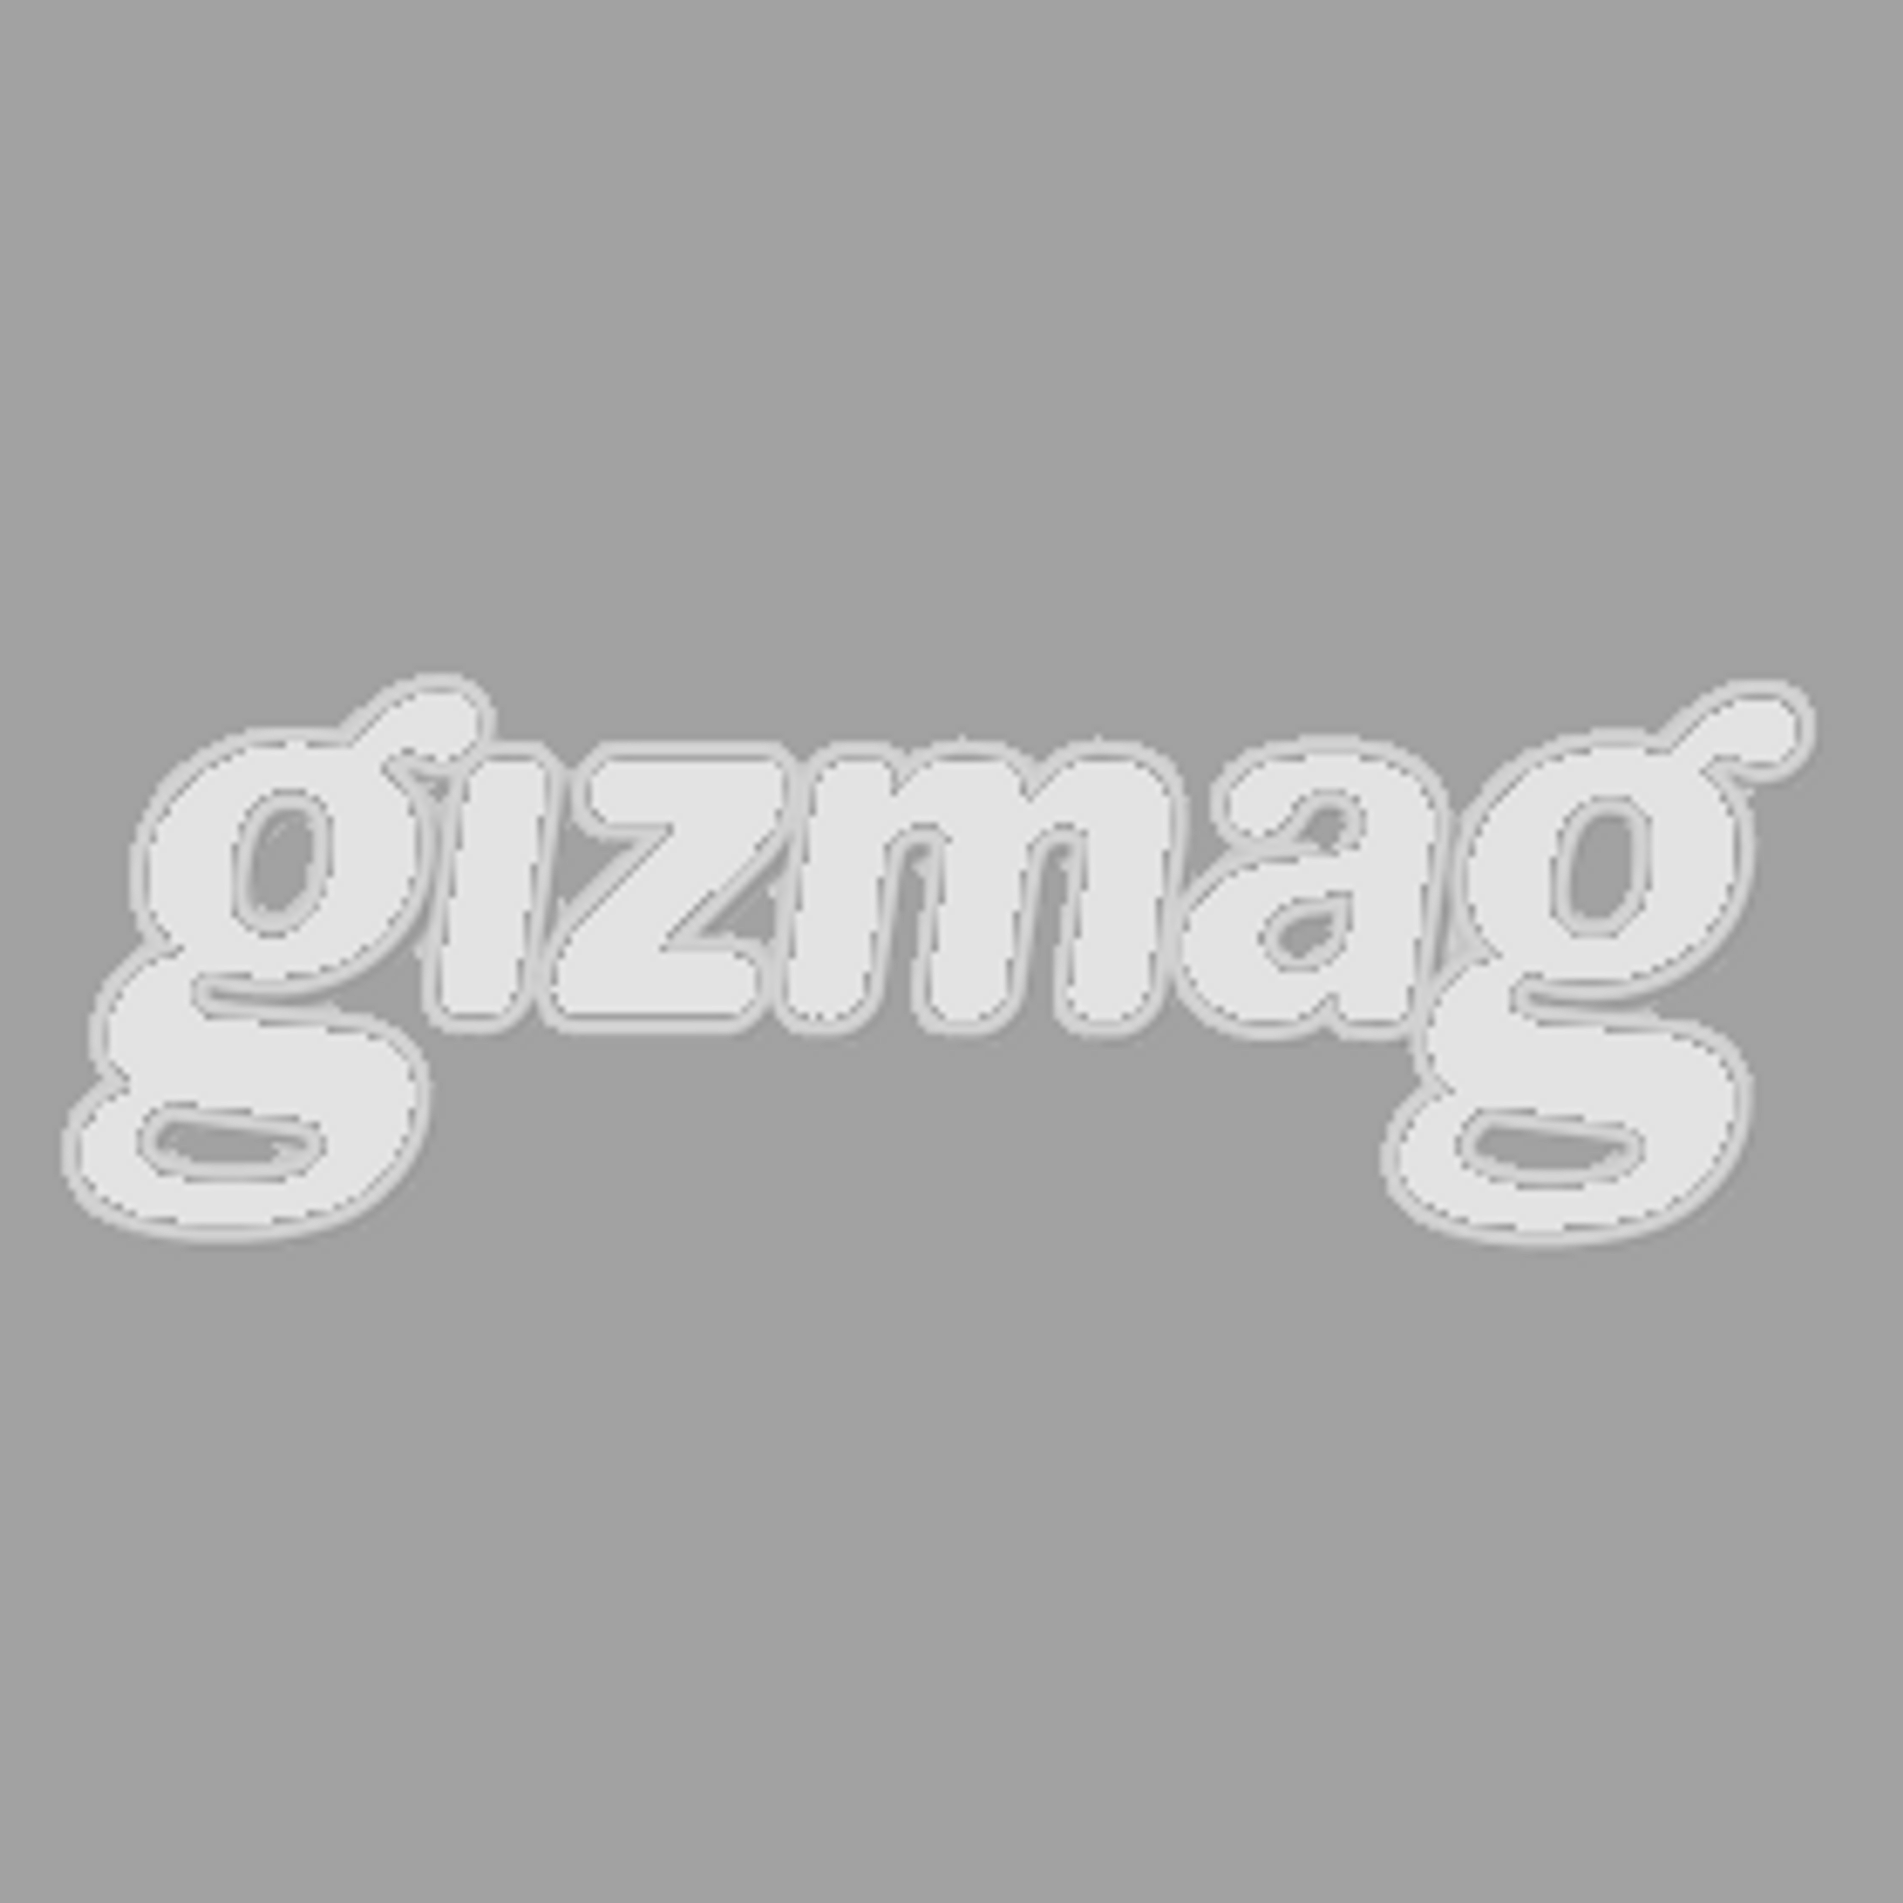 gizmag-280.png